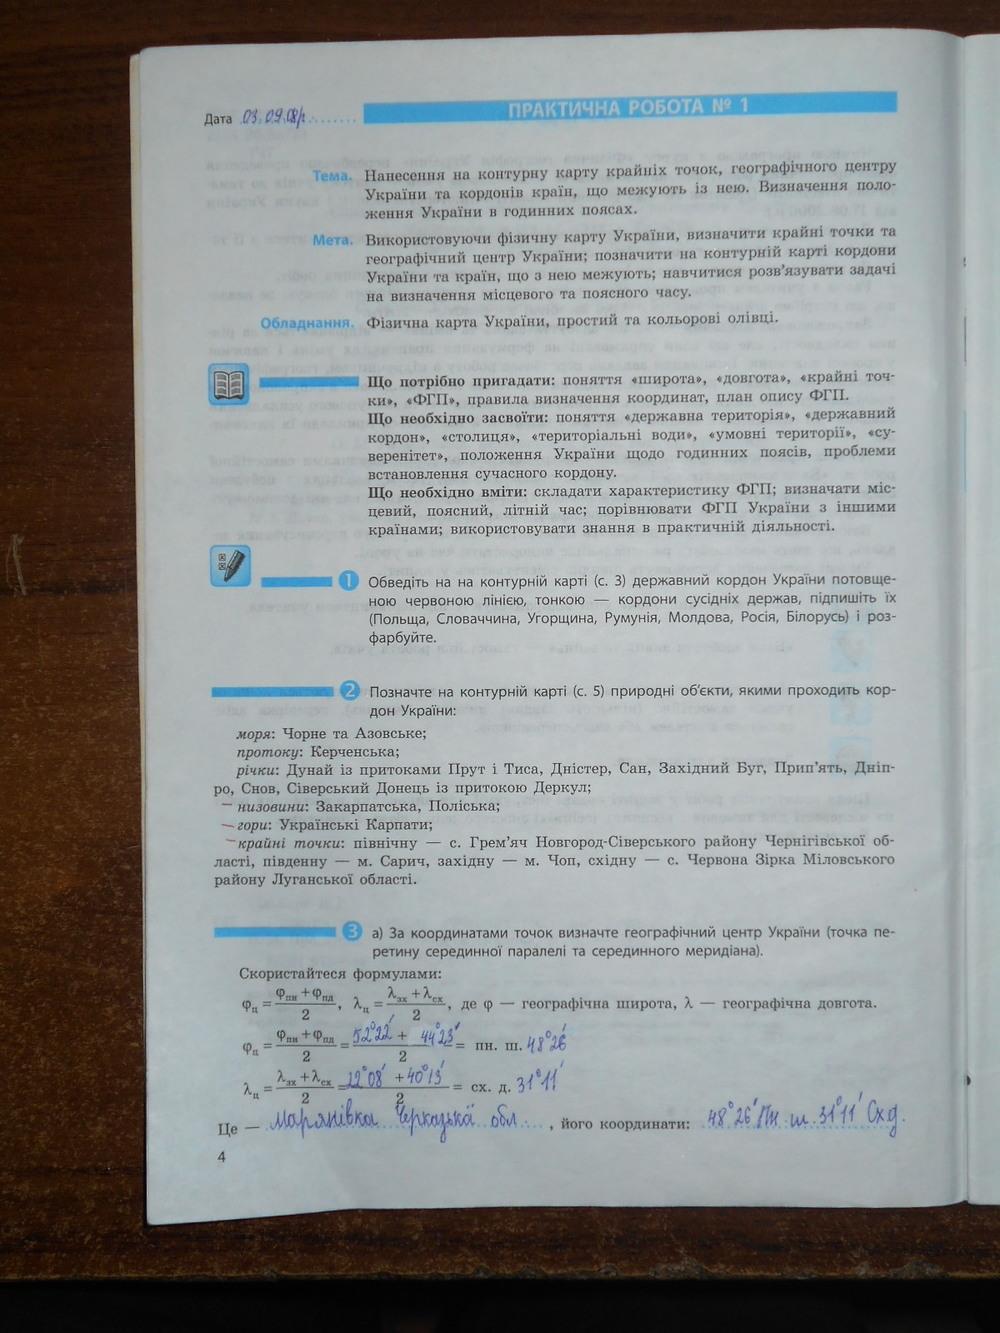 ГДЗ відповіді робочий зошит по географии 8 класс Т.Г. Гільберг, В.М. Проценко. Задание: стр. 4